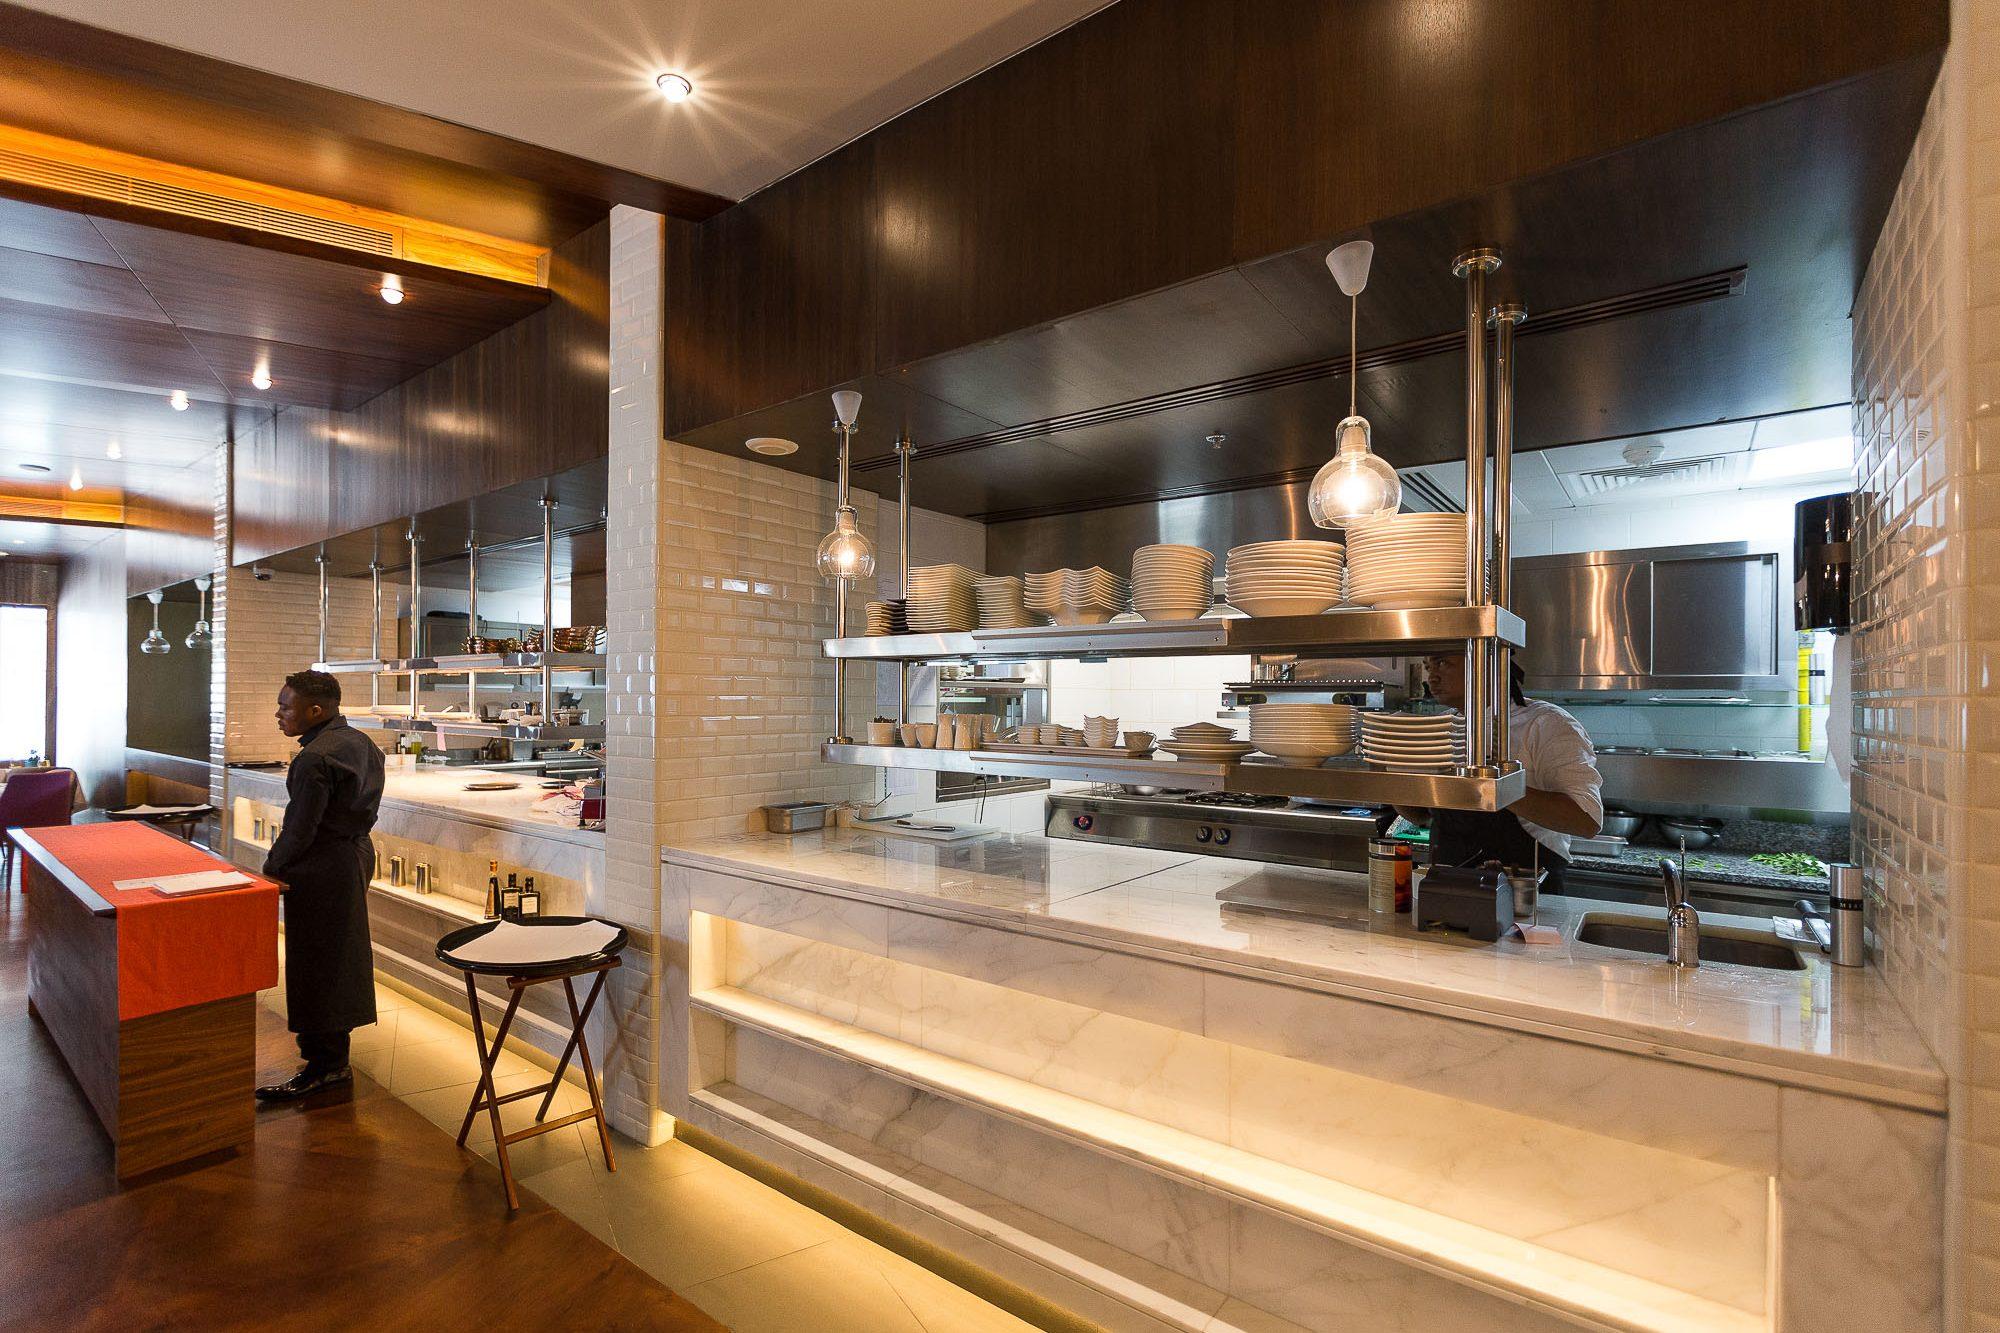 italia_kitchen_robertos_abu_dhabi_03